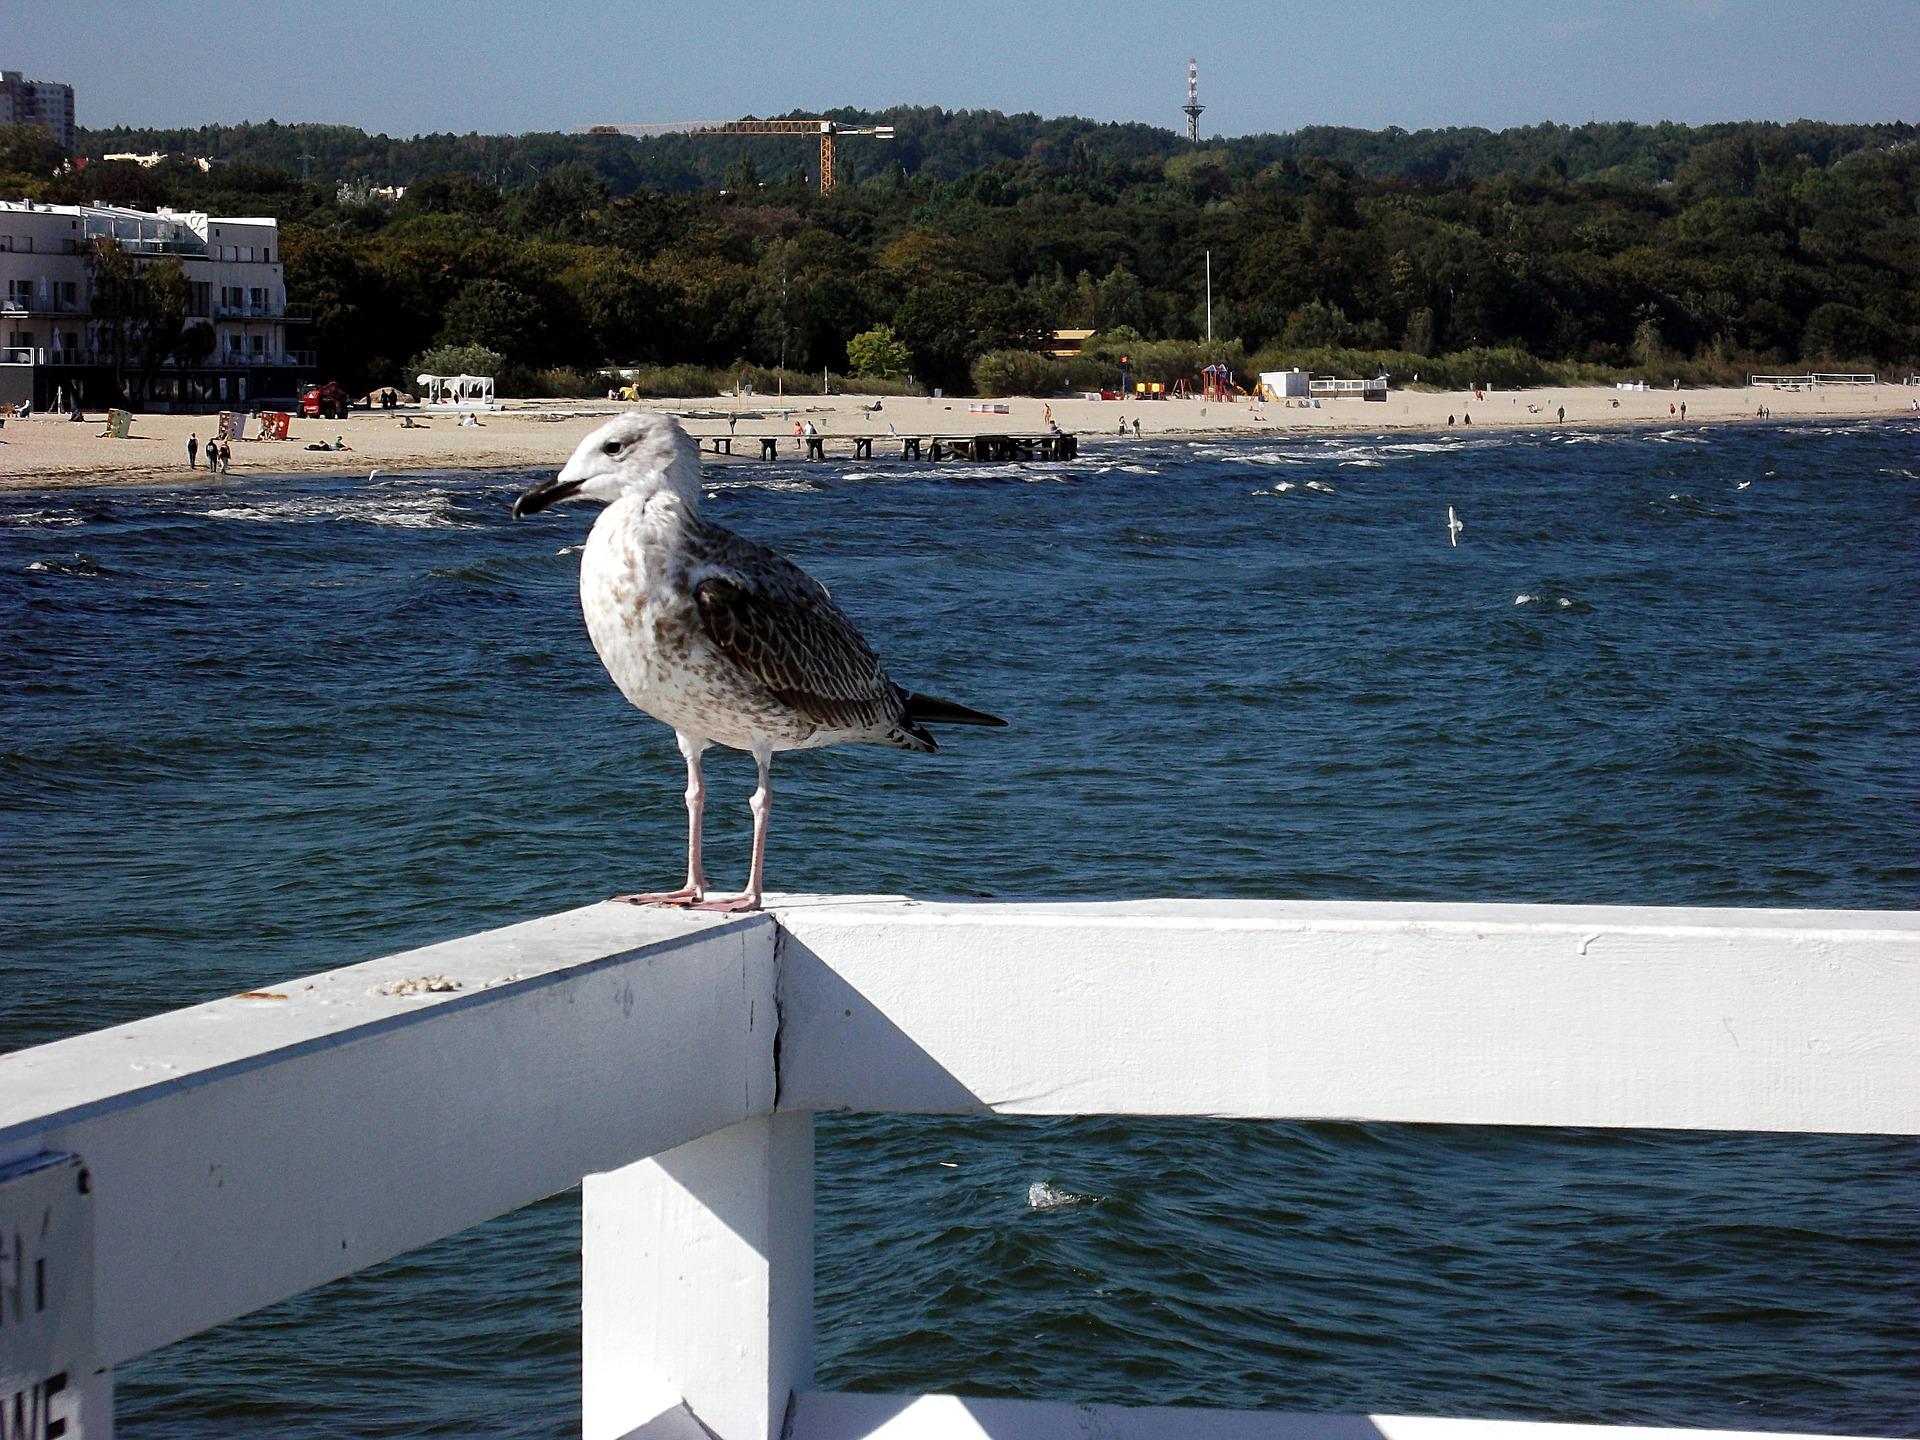 Polskie morze - sposób na udane wakacje - AtrakcjeNaWakacje.pl